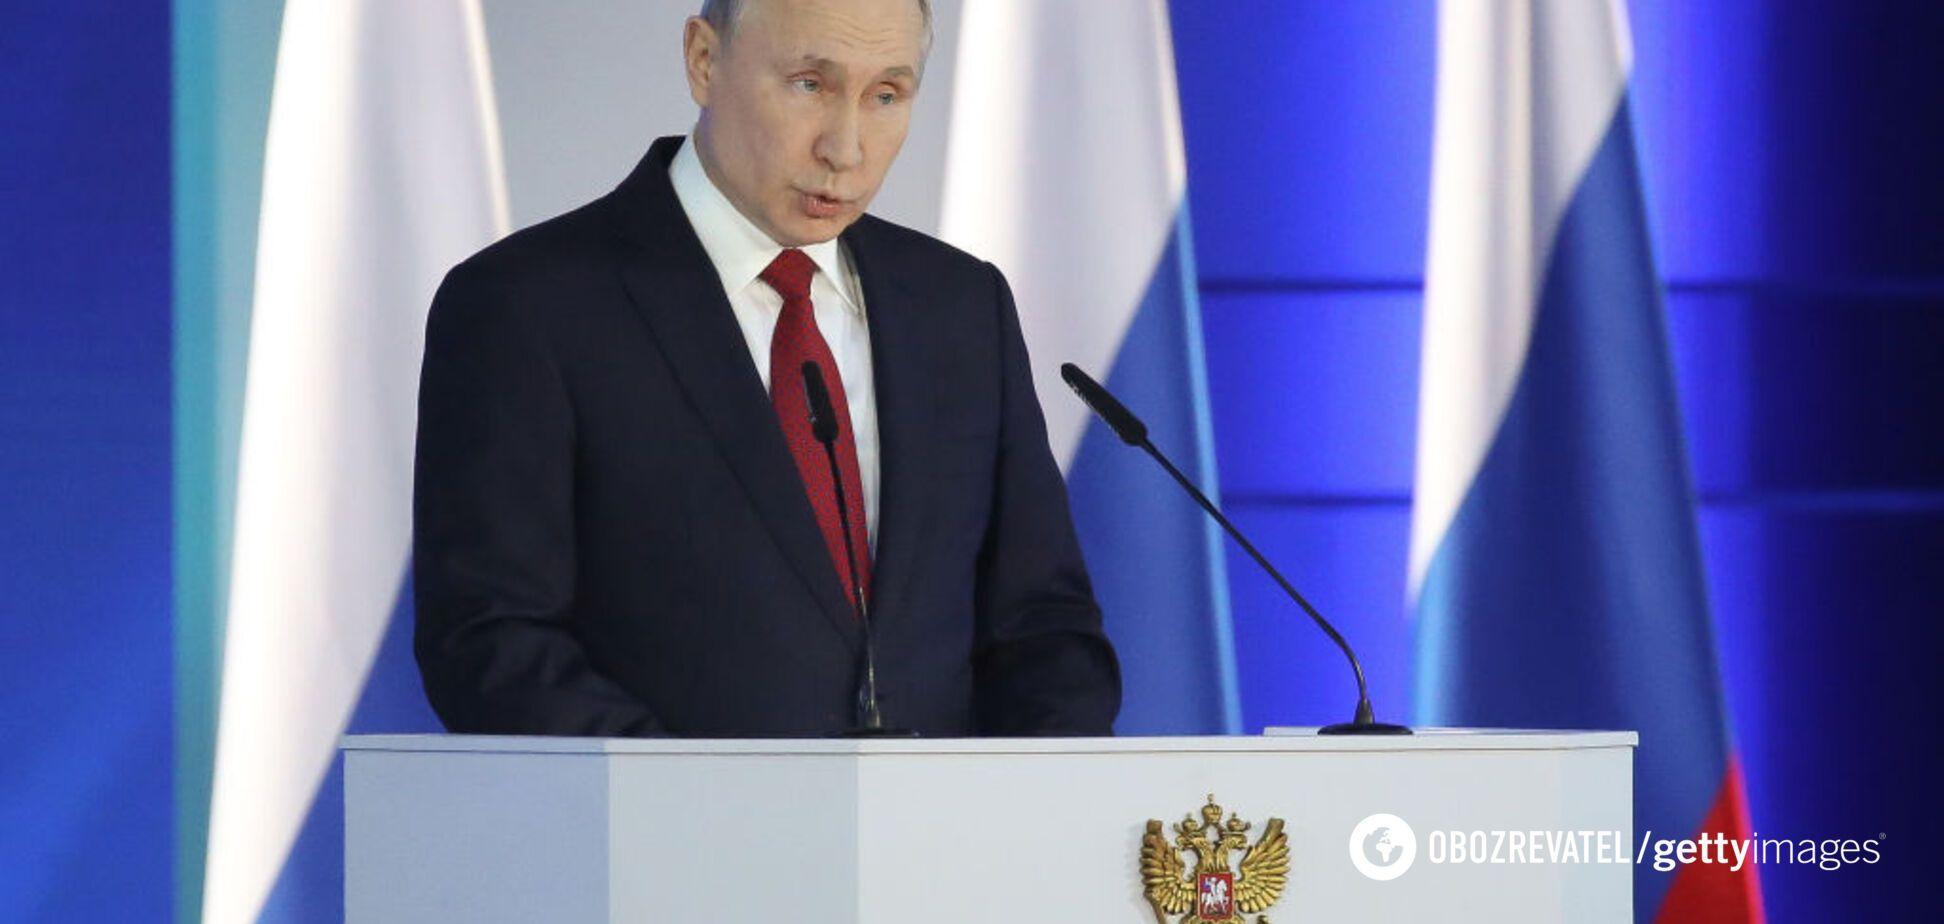 Тепер зрозуміло, в яку історичну пропаганду вірить Путін